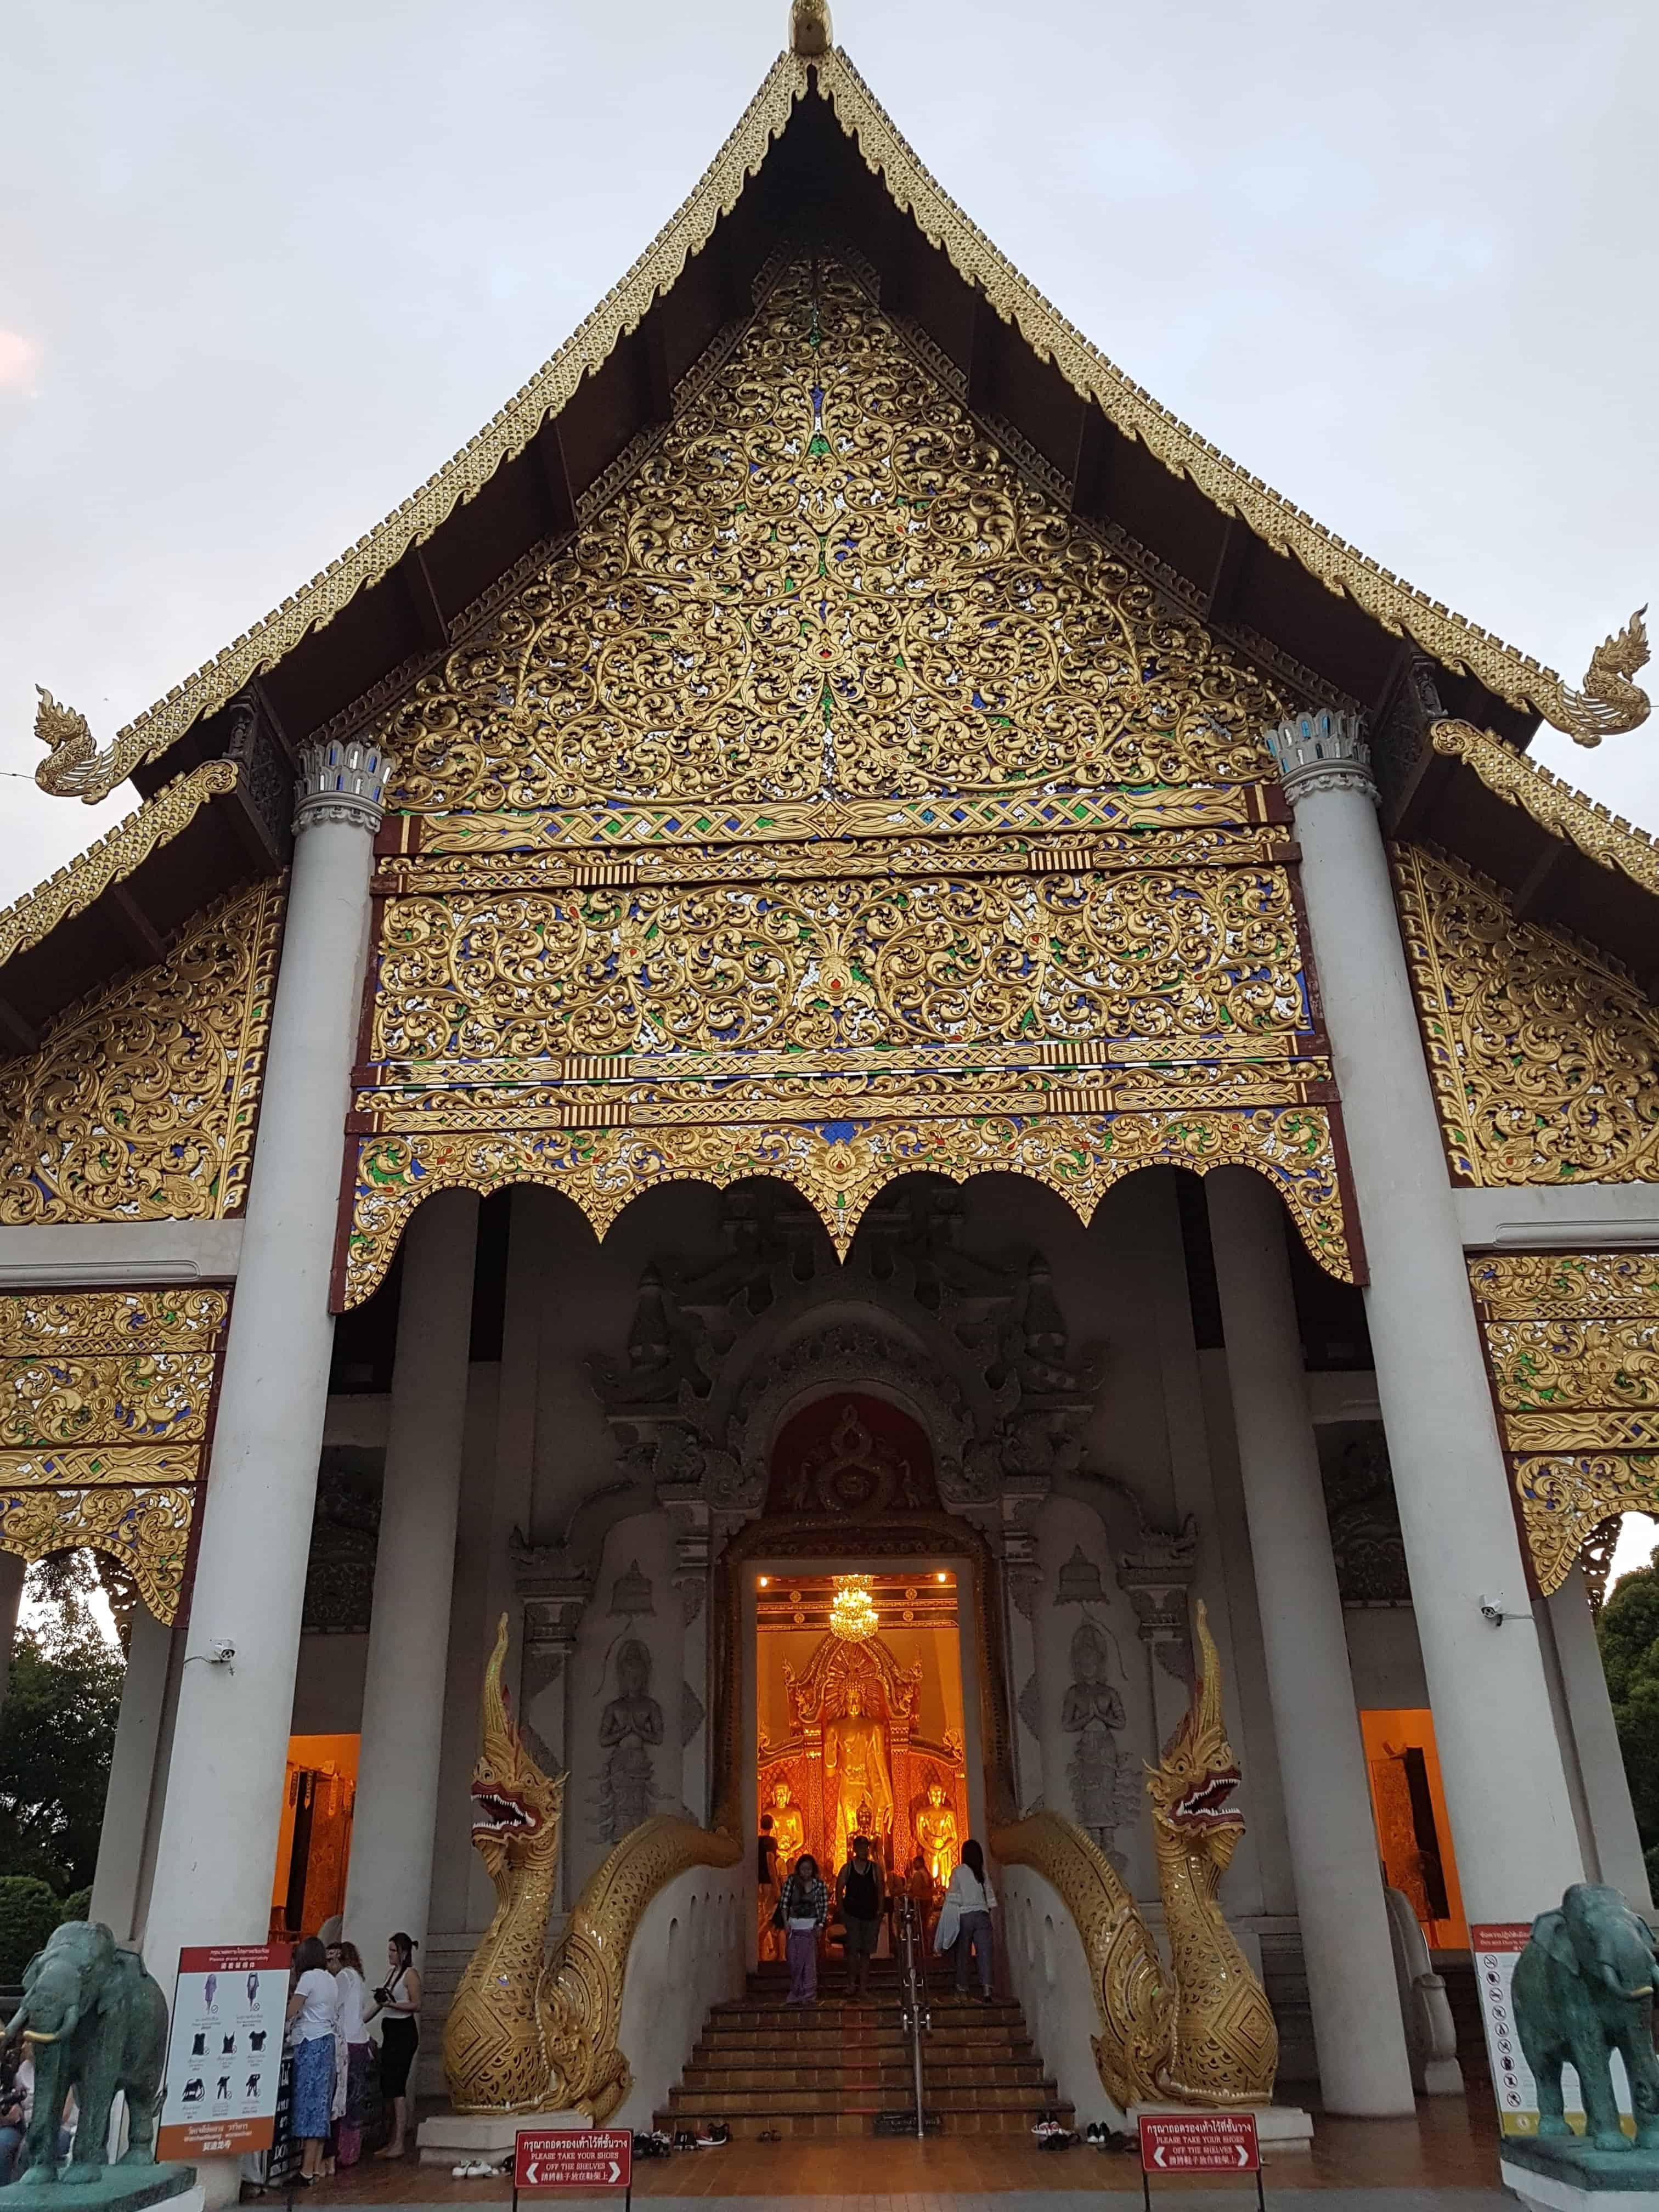 Thaïlande, nos premiers pas au pays du sourire 🇹🇭 14